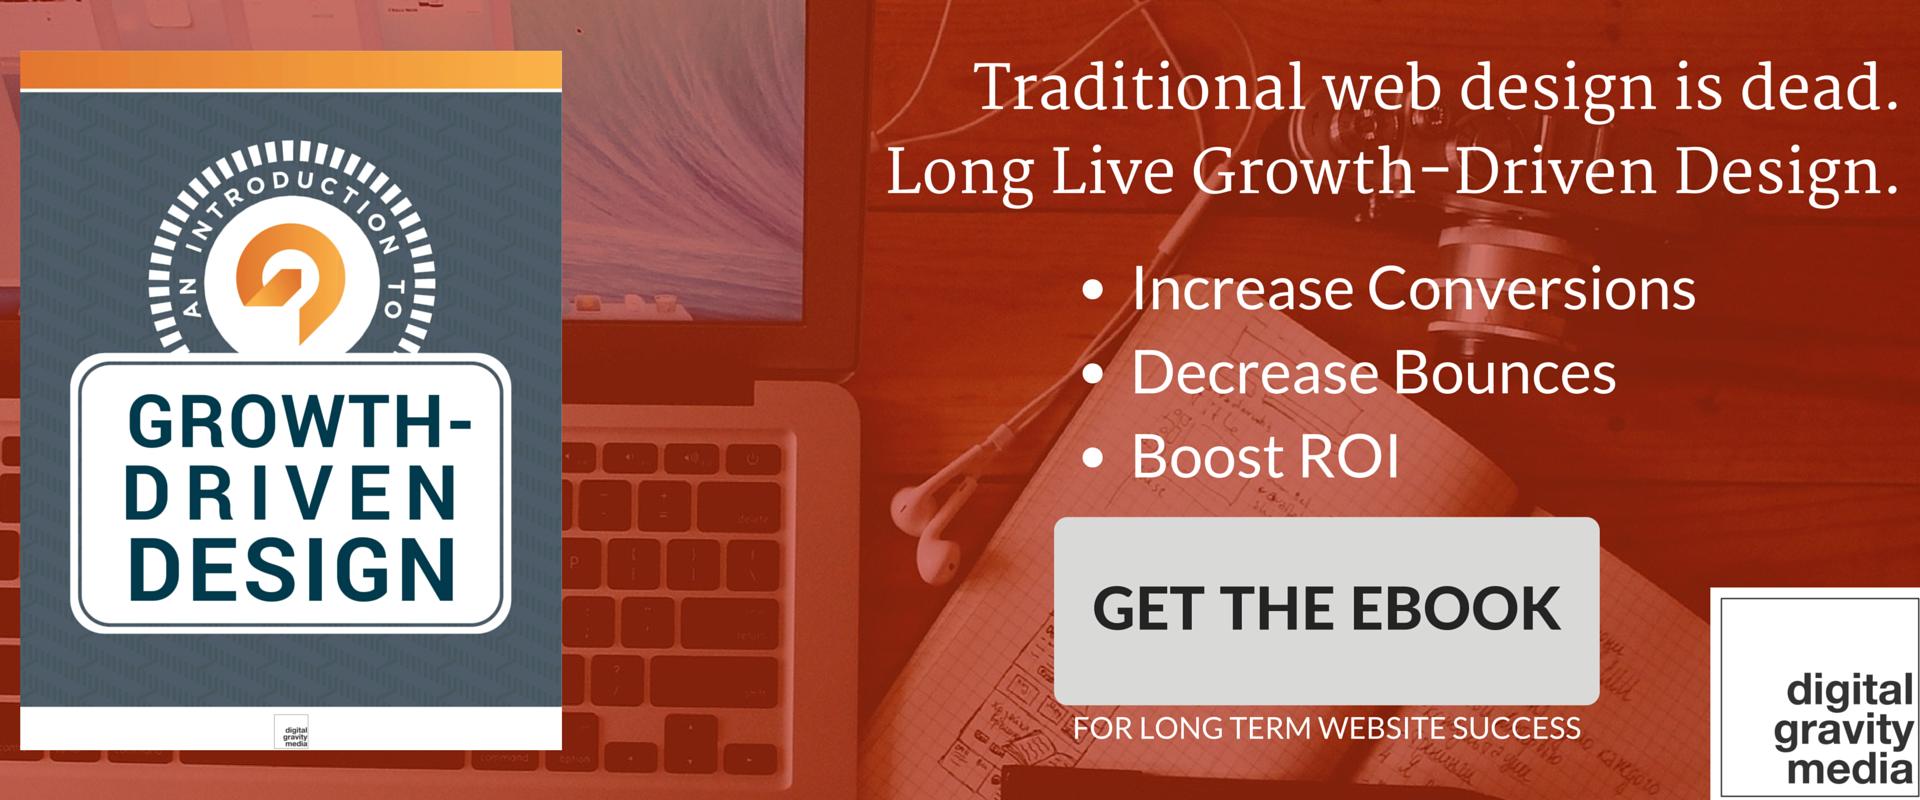 Growth driven design - modern website tips